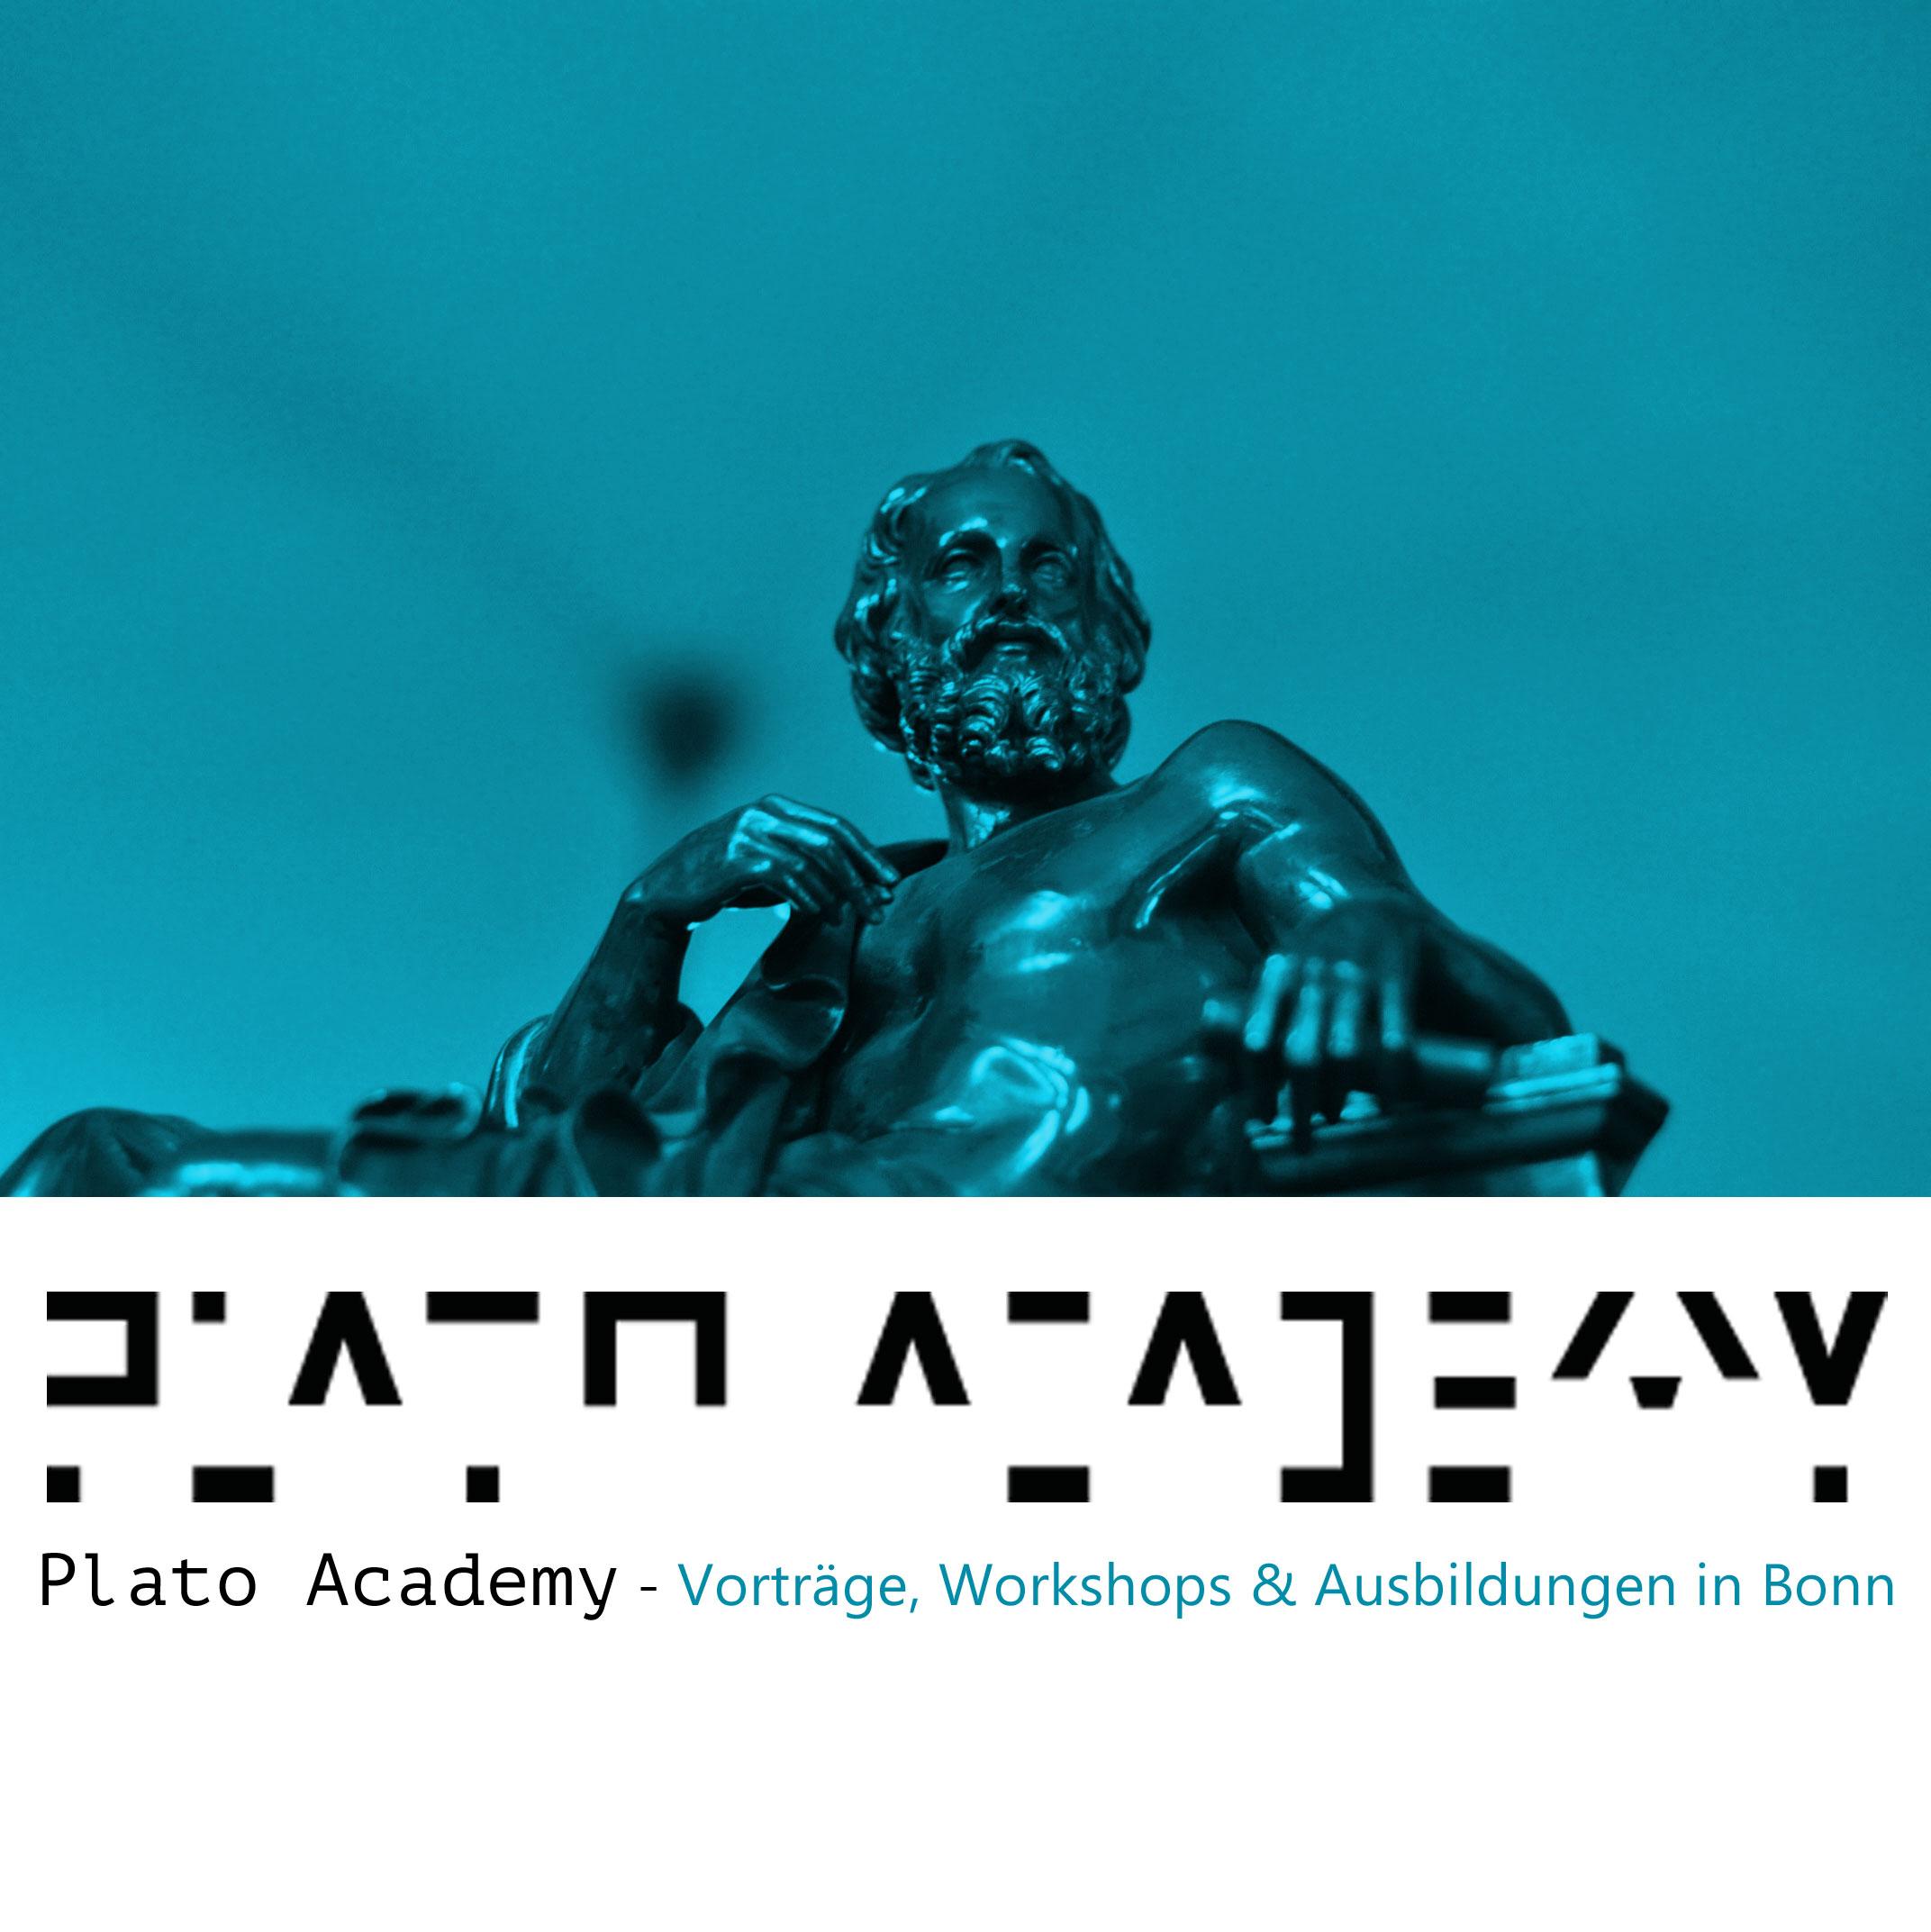 Plato Academy Vorträge, Workshops & Ausbildungen in Bonn